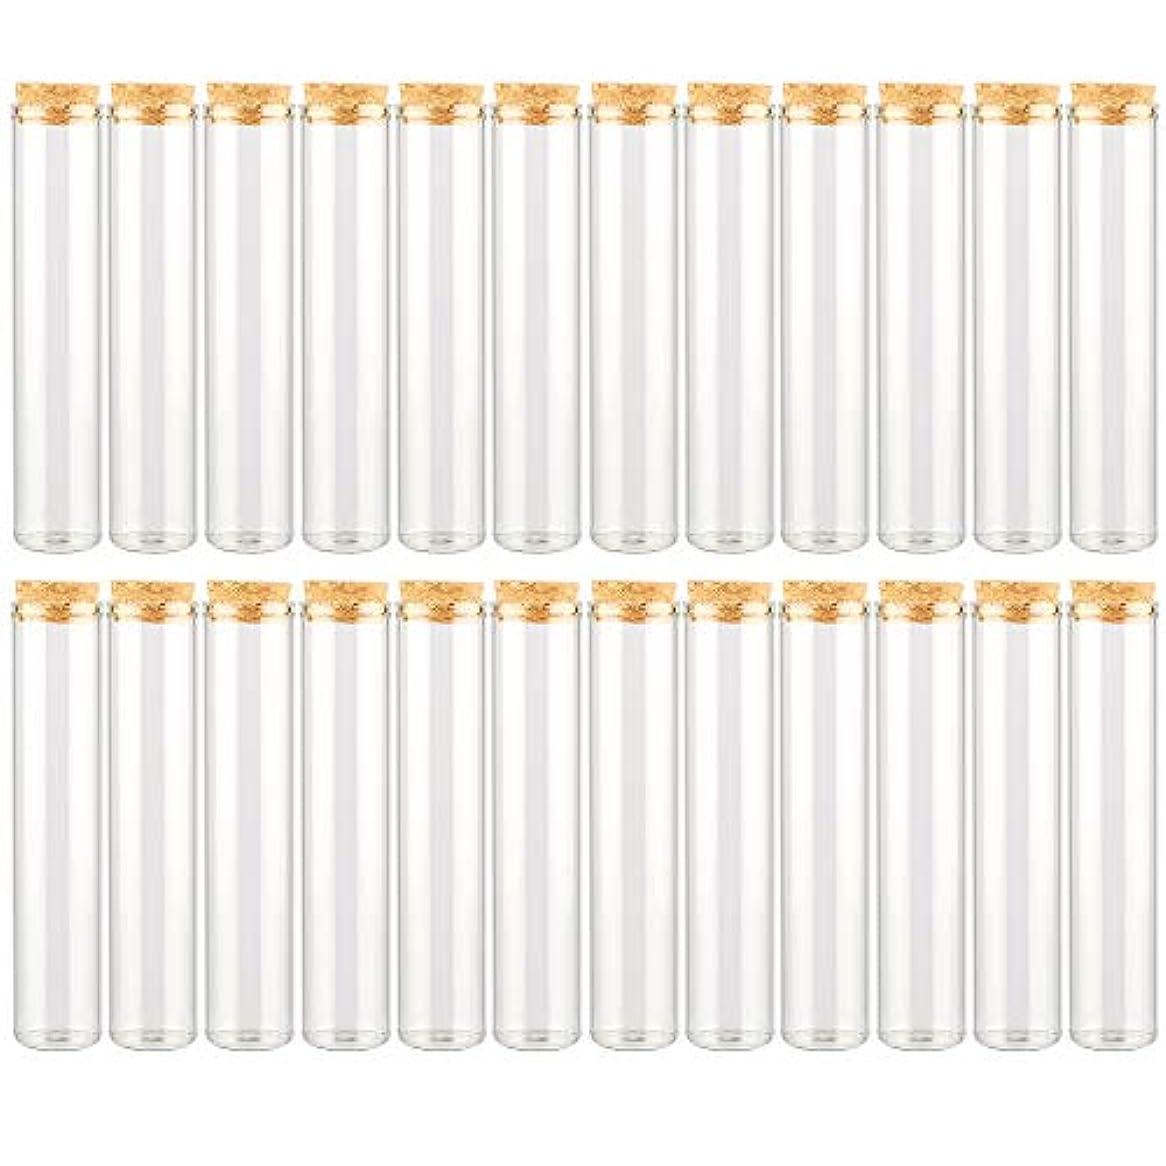 フライト覆す侵入するEC Labmouse シンプル ガラス瓶 コルク栓 24本セット 30ml 透明 ガラス製 アロマオイル 香水 花材 ビーズ 調味料 試験管 (30ml 24本)